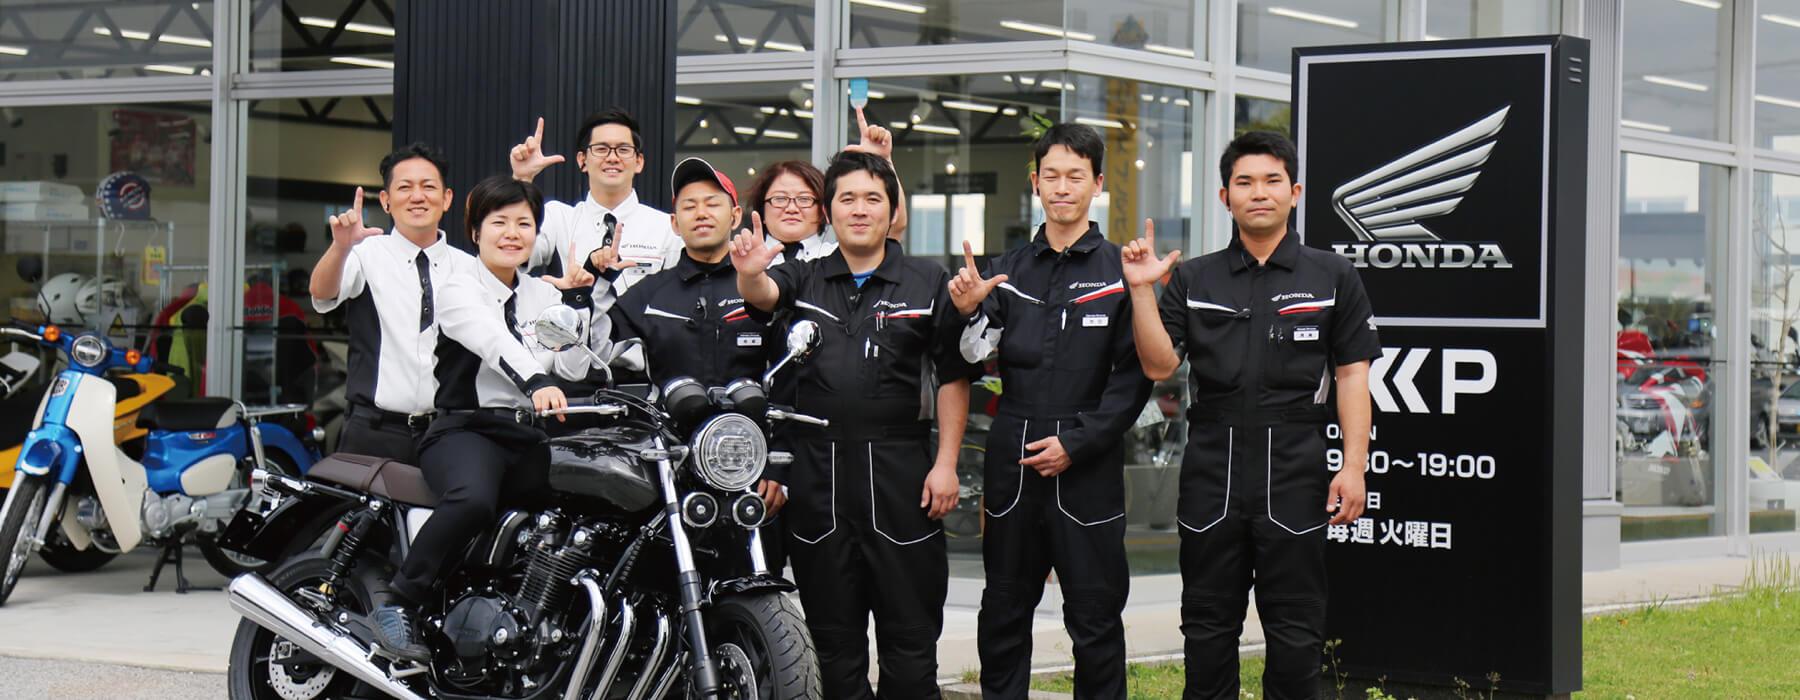 Honda Dream沖縄豊崎